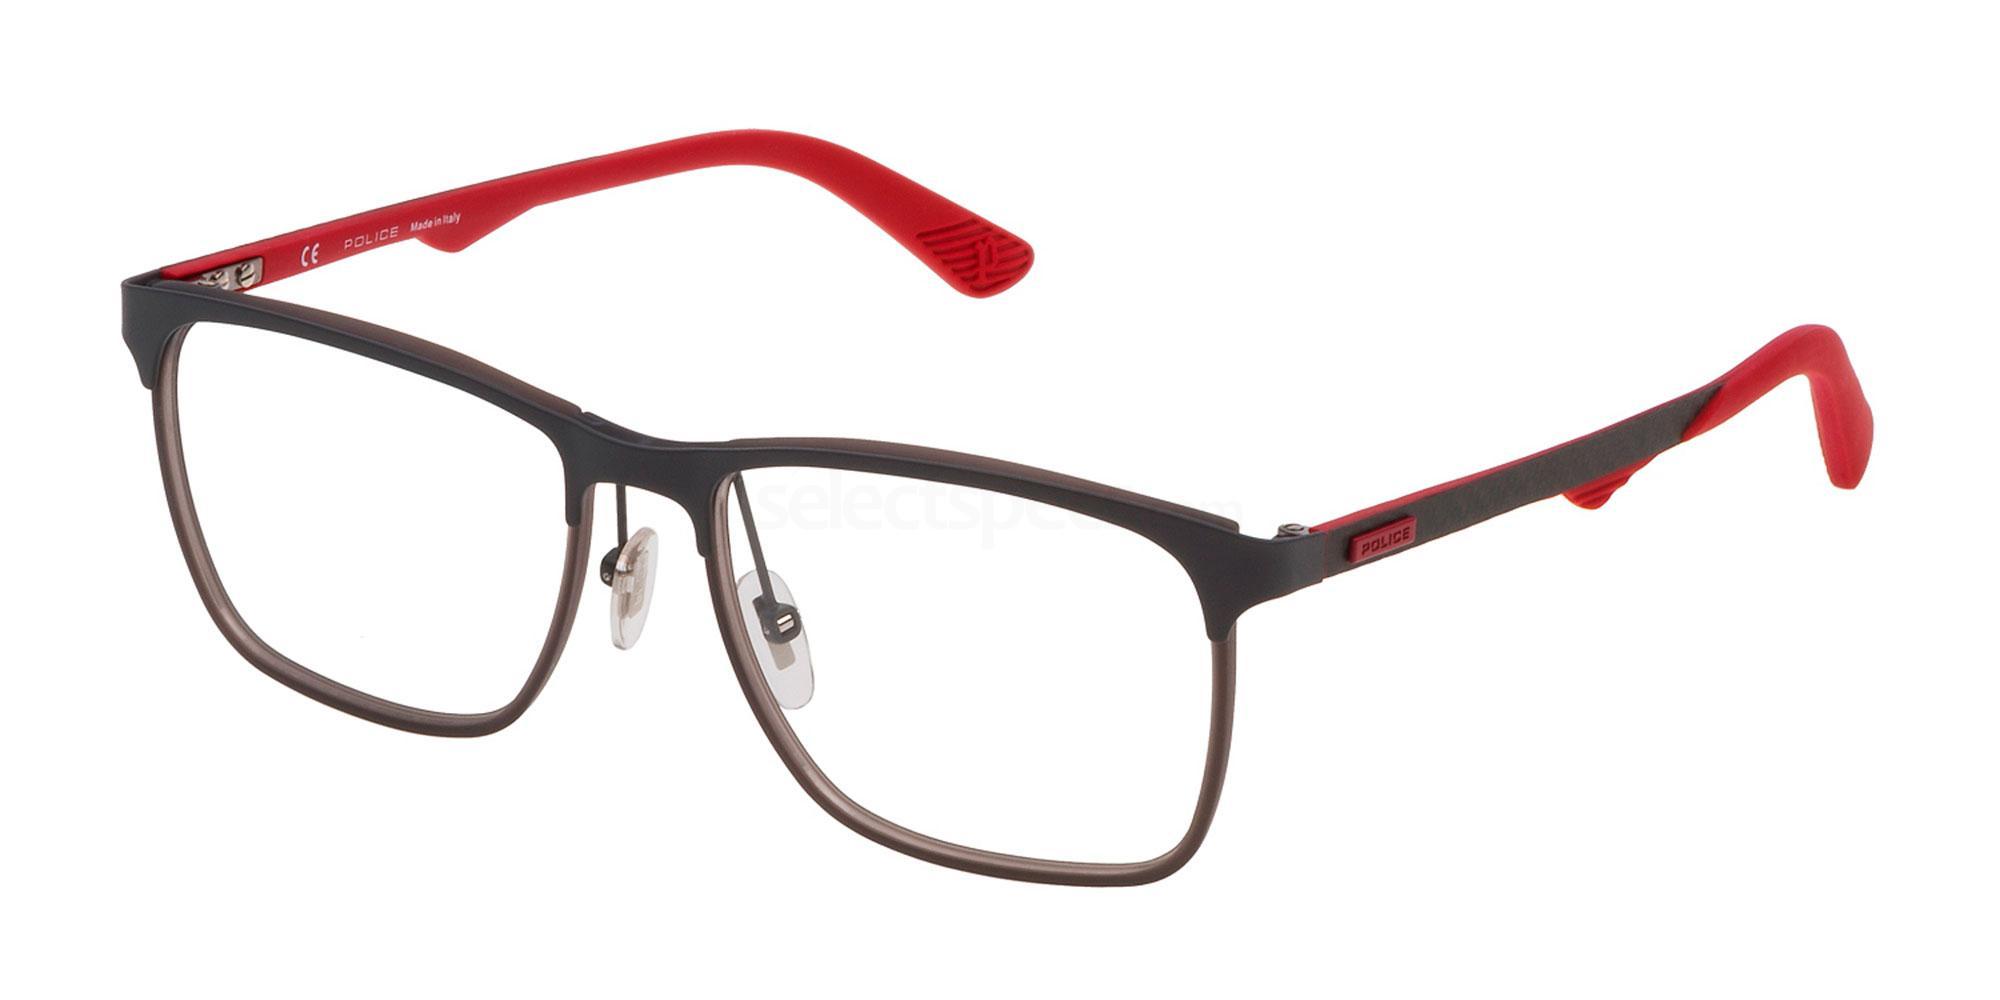 0180 VPL692 Glasses, Police